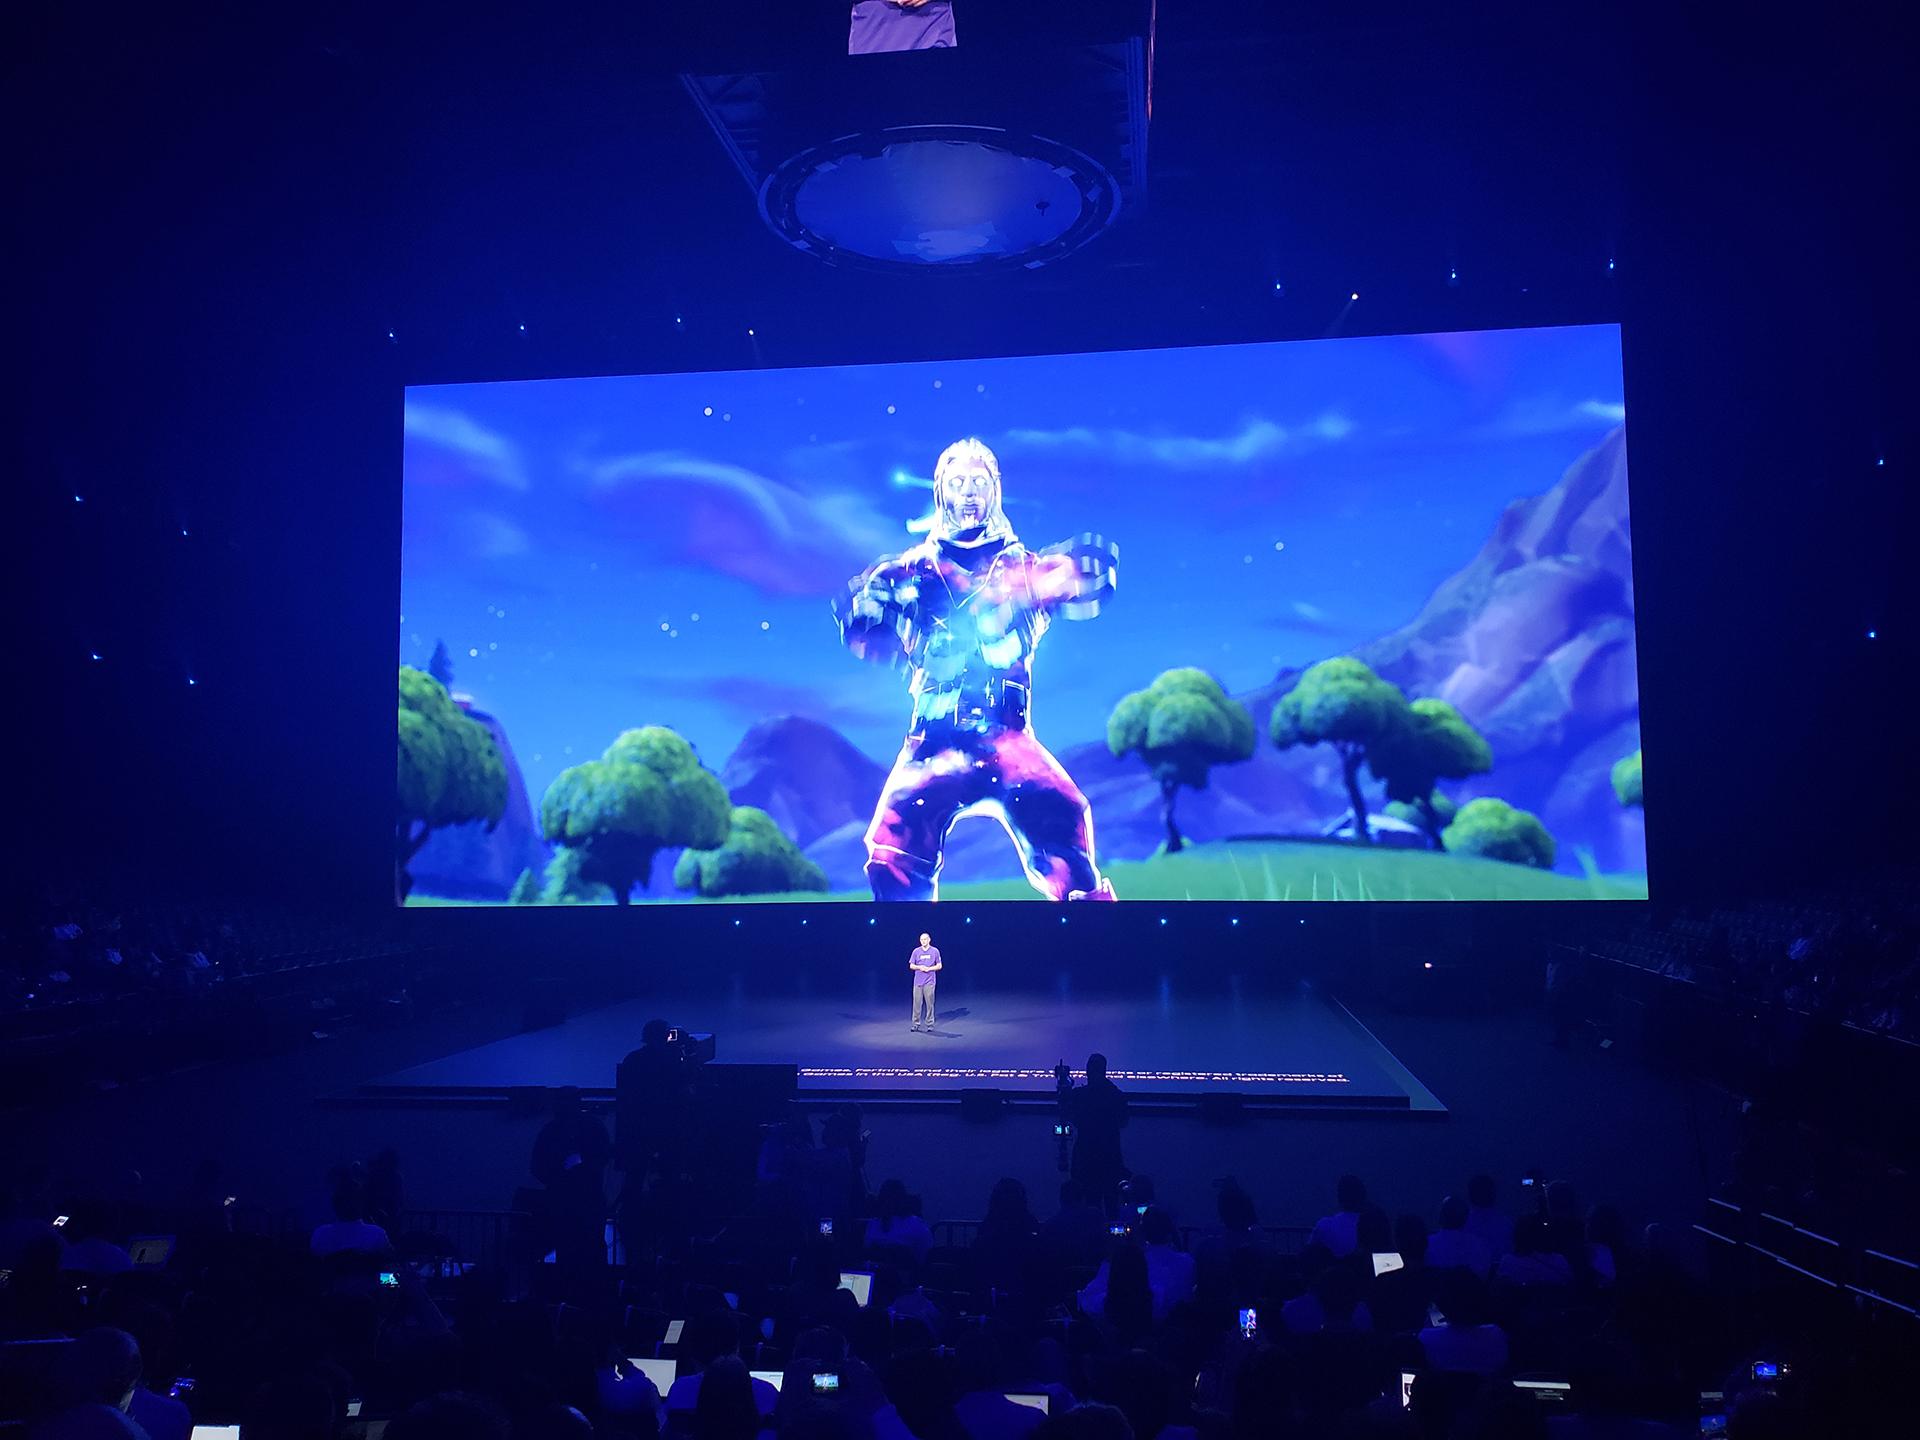 El móvil incluye el videojuego Fortnite.